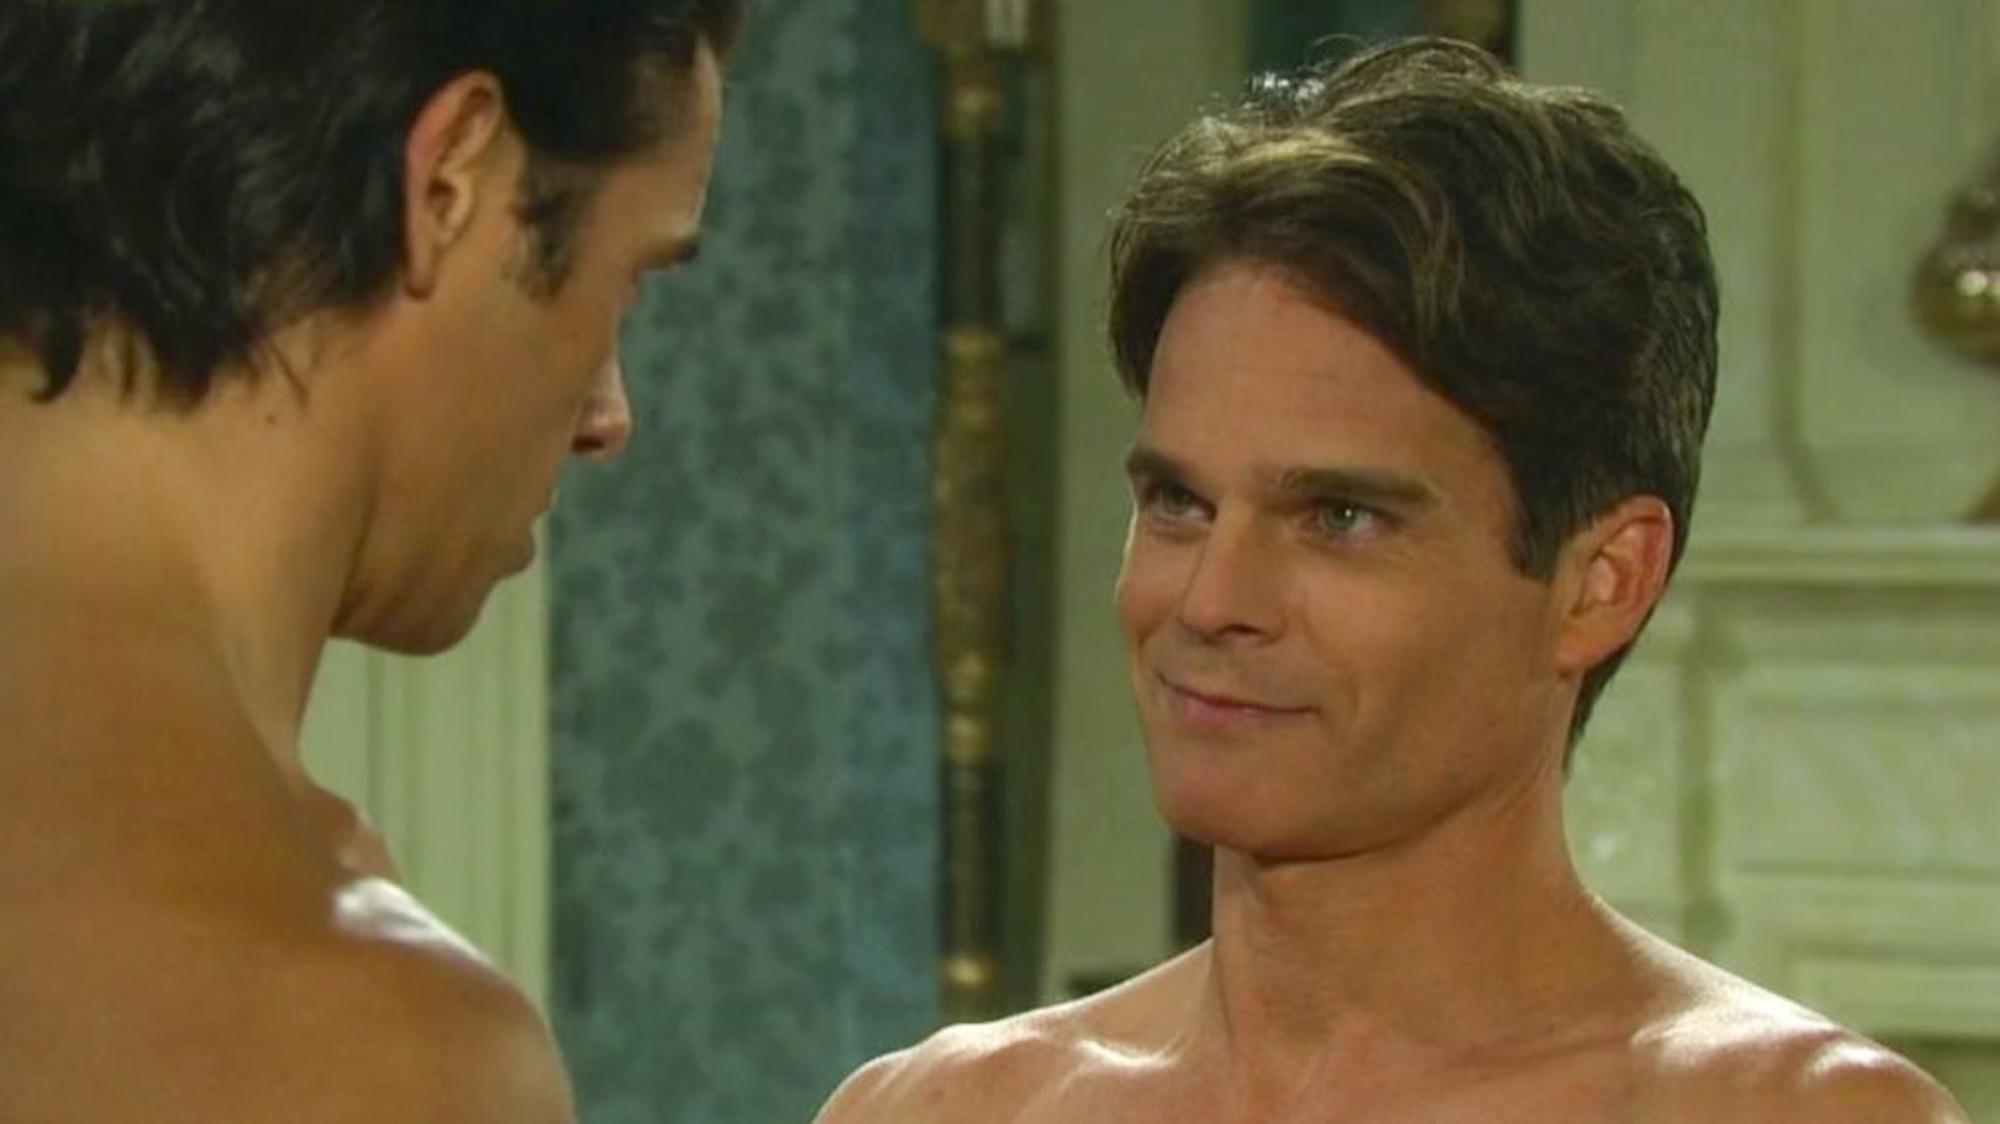 LGBTQ in soaps